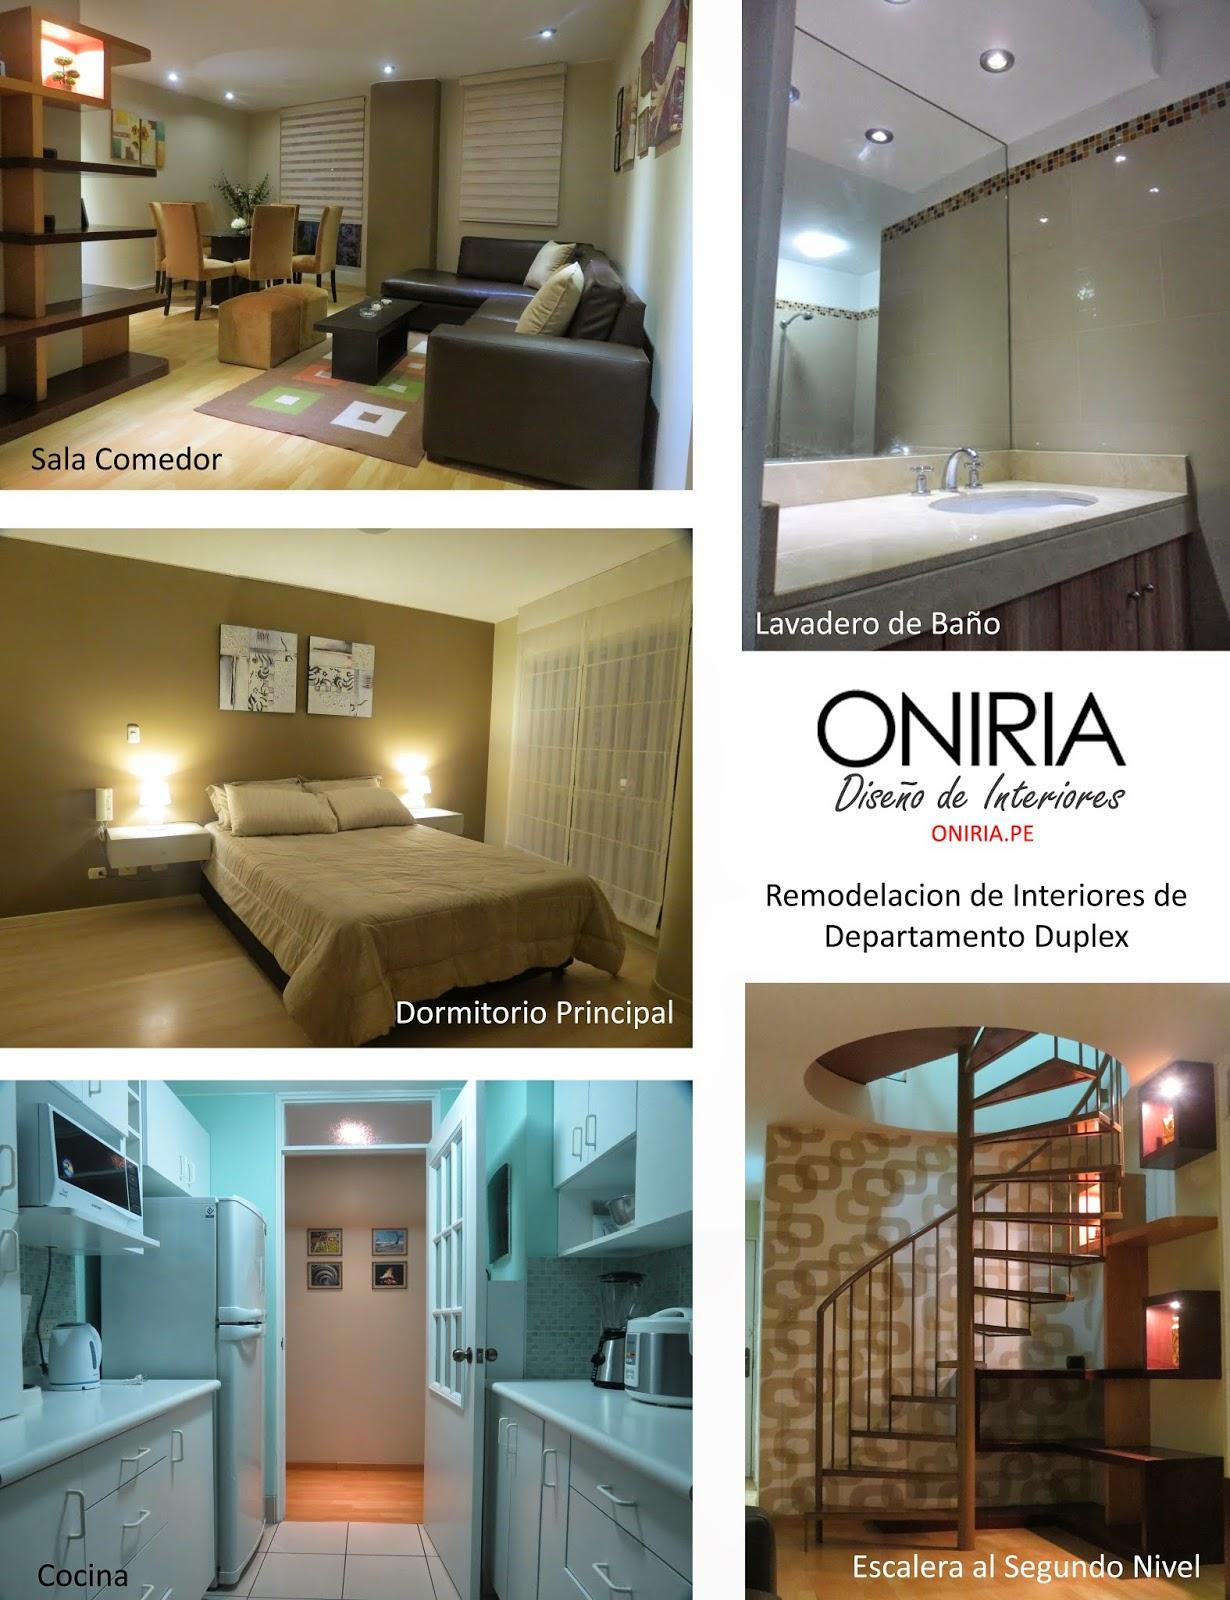 Oniria remodelaci n integrales de interiores de casas y for Interiores de departamentos